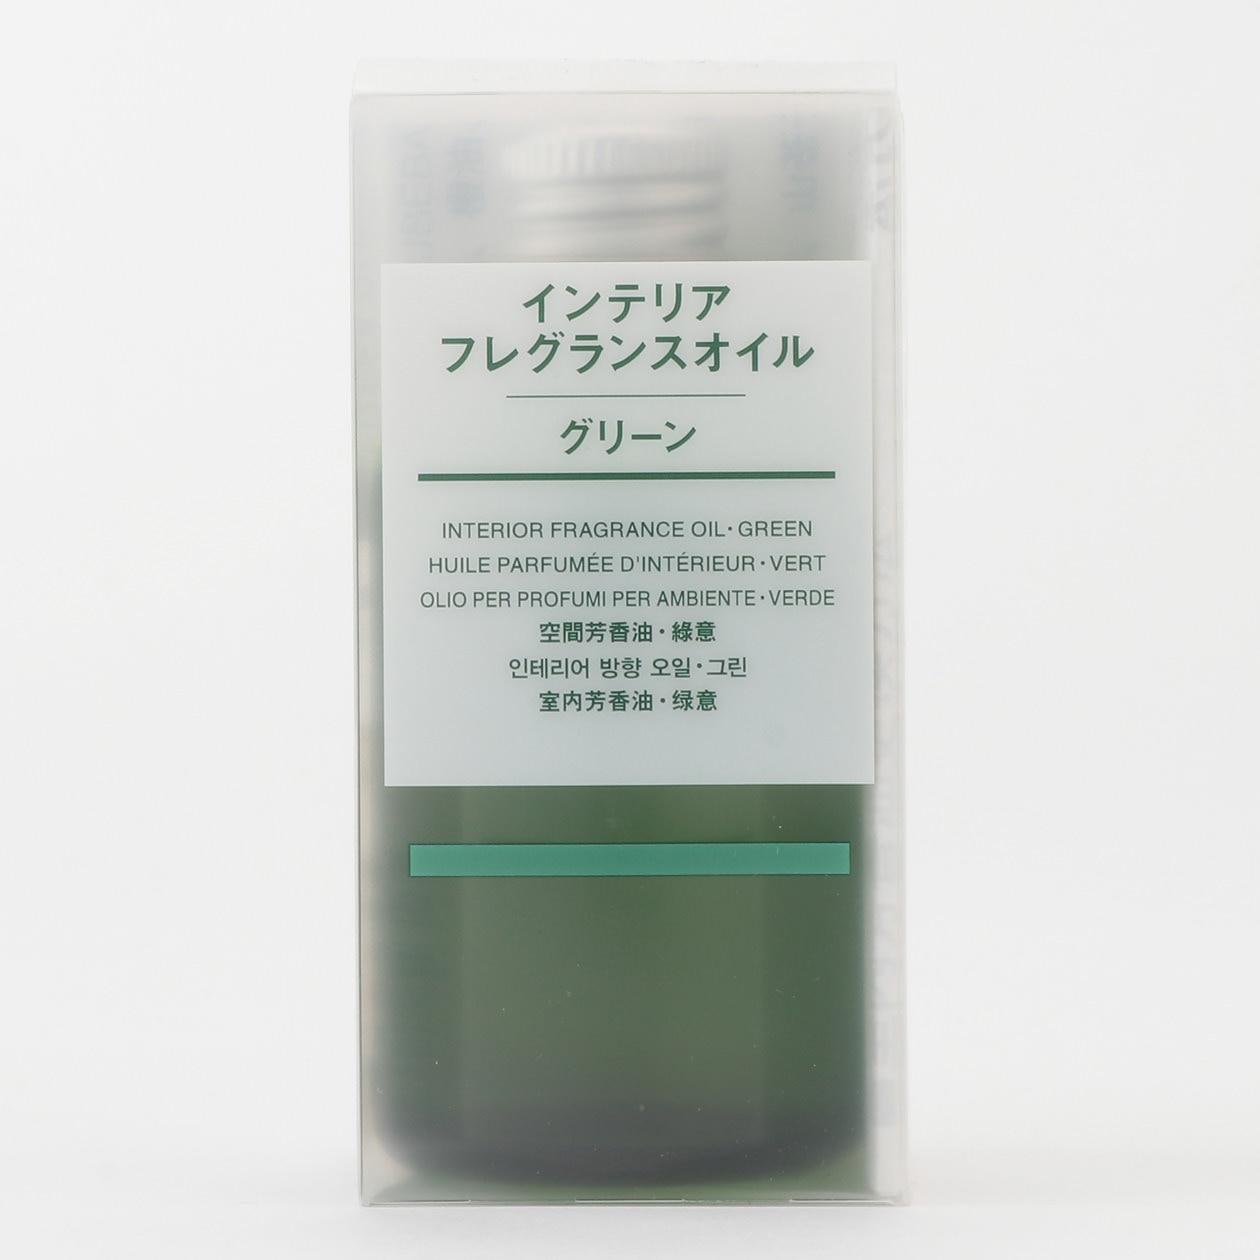 インテリアフレグランスオイル・グリーン